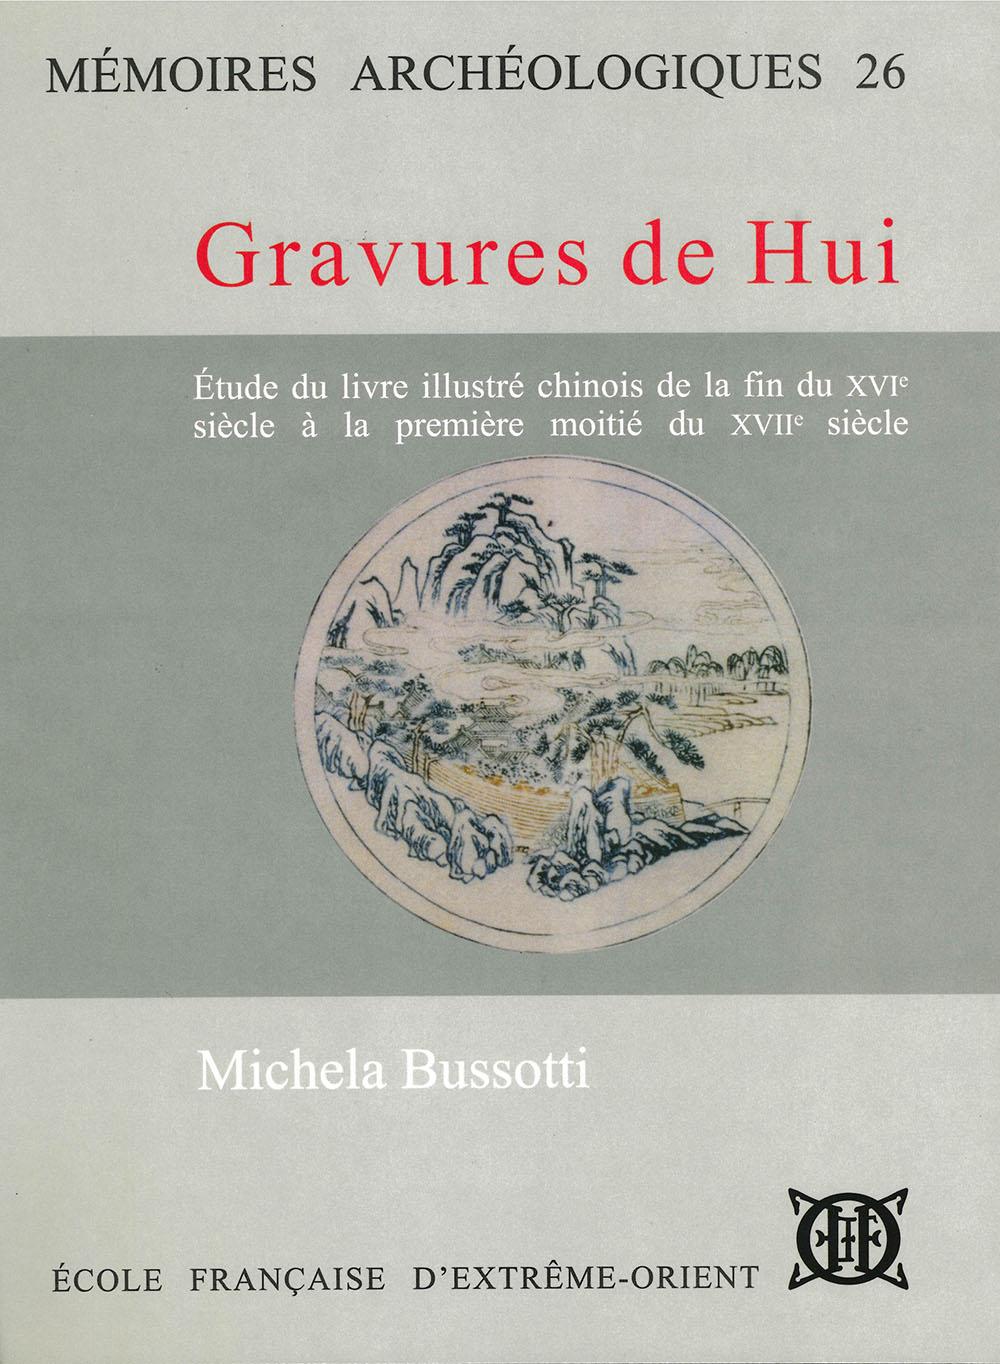 Gravures de Hui : étude du livre illustré chinois de la fin du XVIe siècle à la première moitié du XVIIe siècle